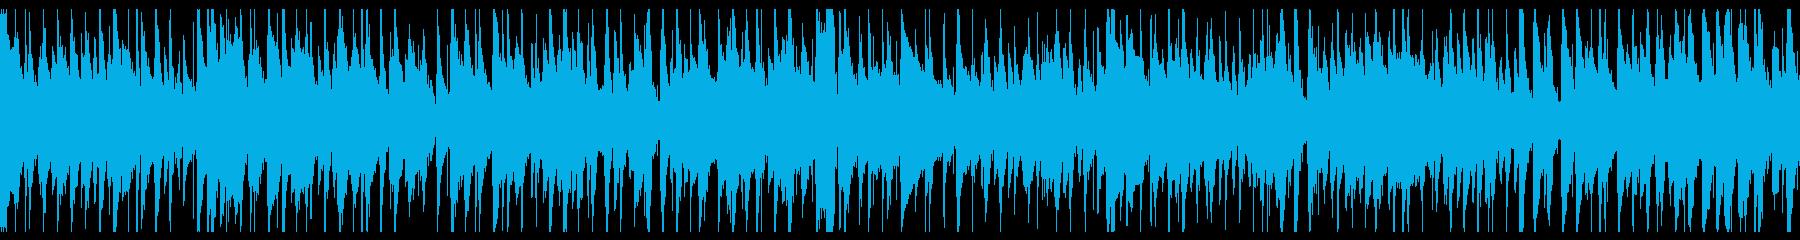 お洒落なジャズピアノトリオ21 ループの再生済みの波形